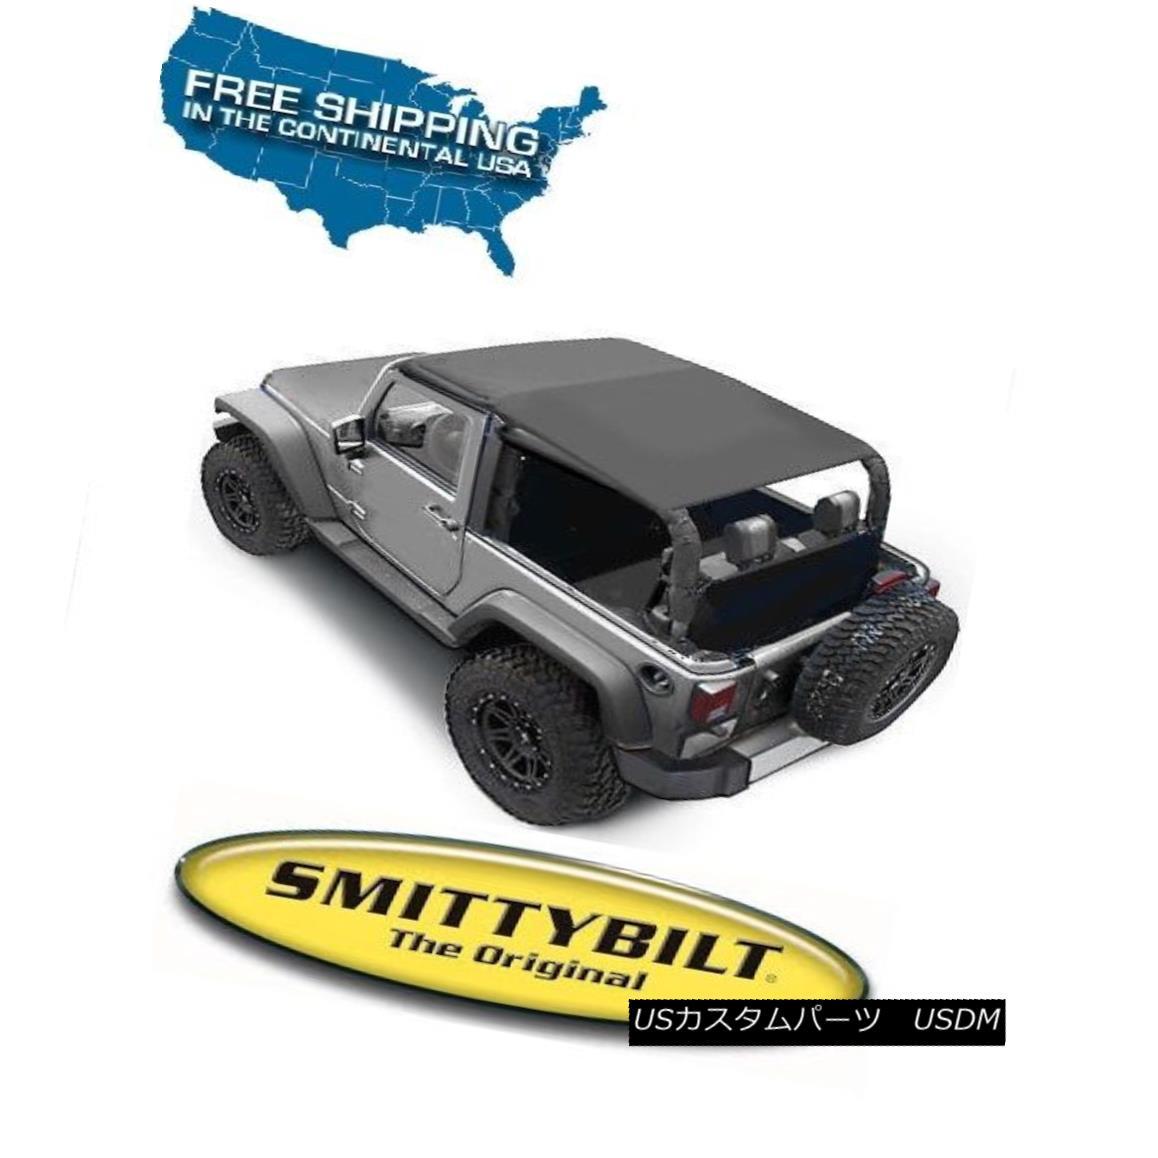 Smittybilt Extended Top in Black Diamond 2007-2009 2dr Jeep Wrangler JK 94135